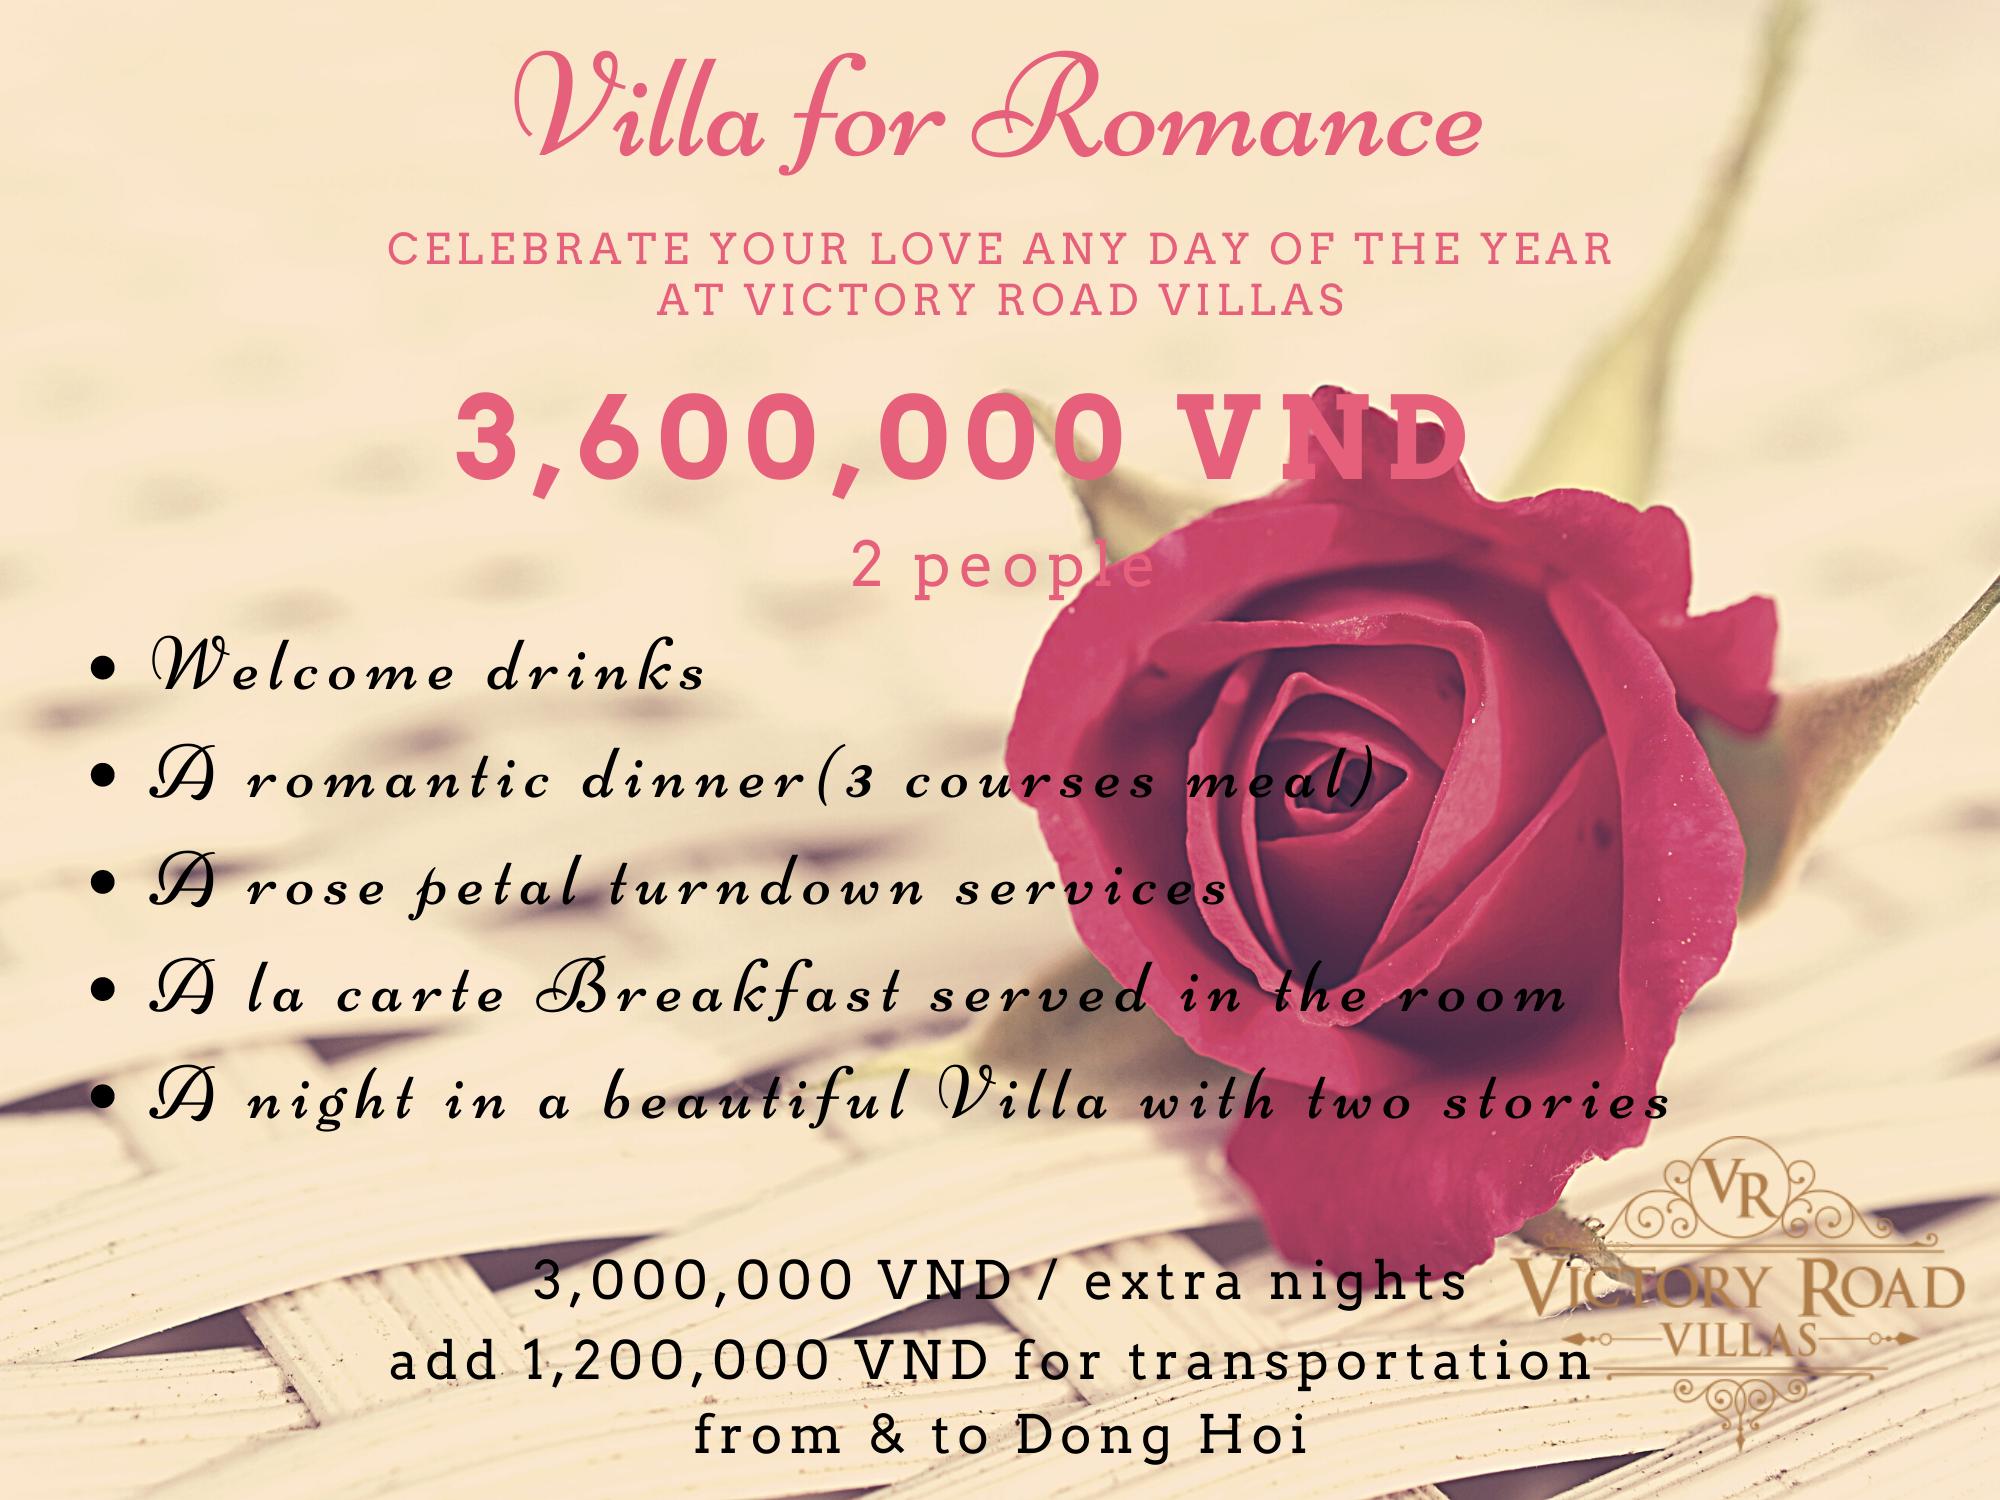 Victory Road Villas: Villa for Romance